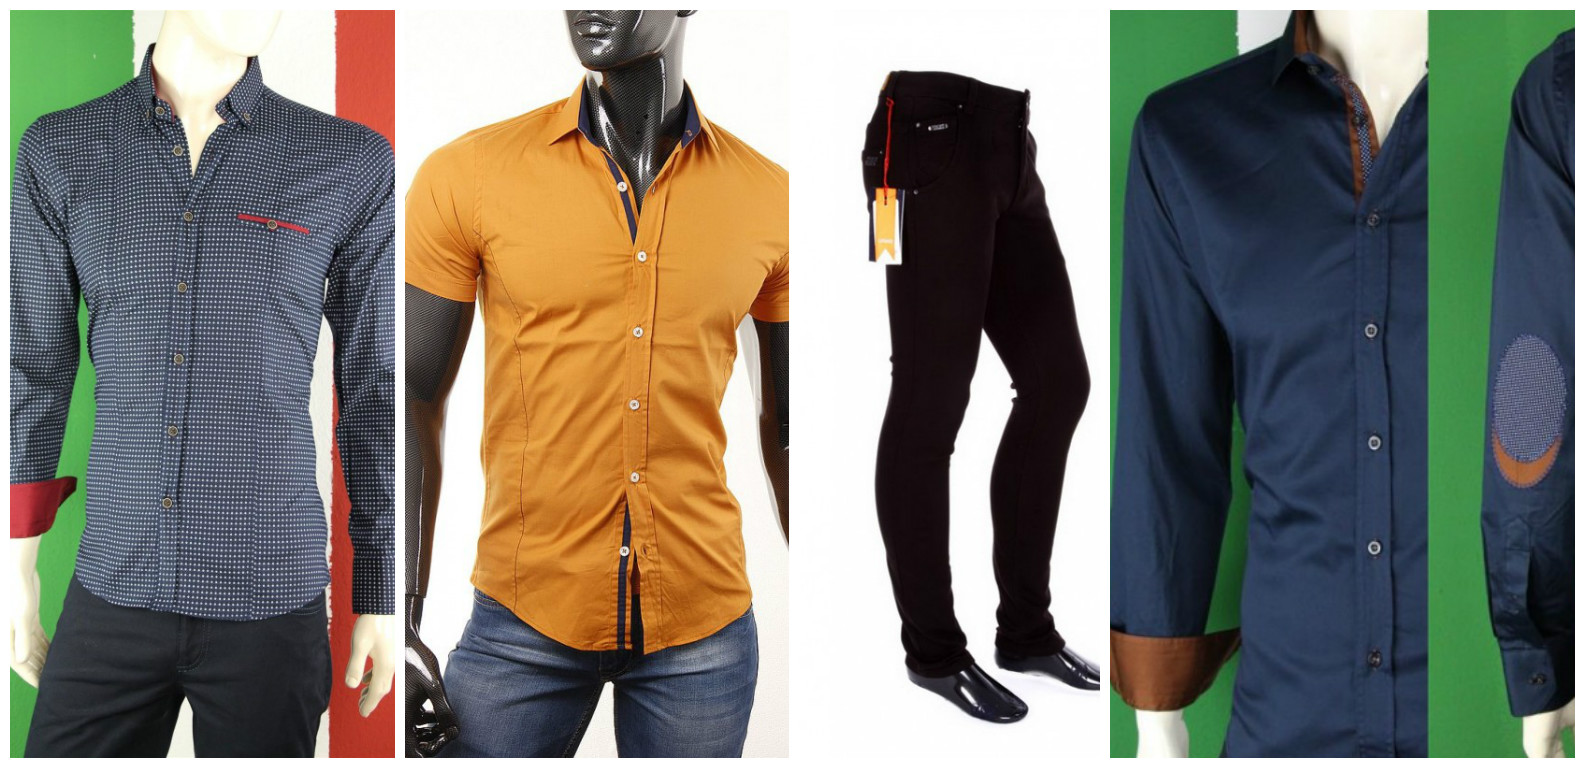 СБОР ЗАКРЫТ. Супер модные и стильные рубашки, джинсы турецкого производителя ТМ Stile Italiano